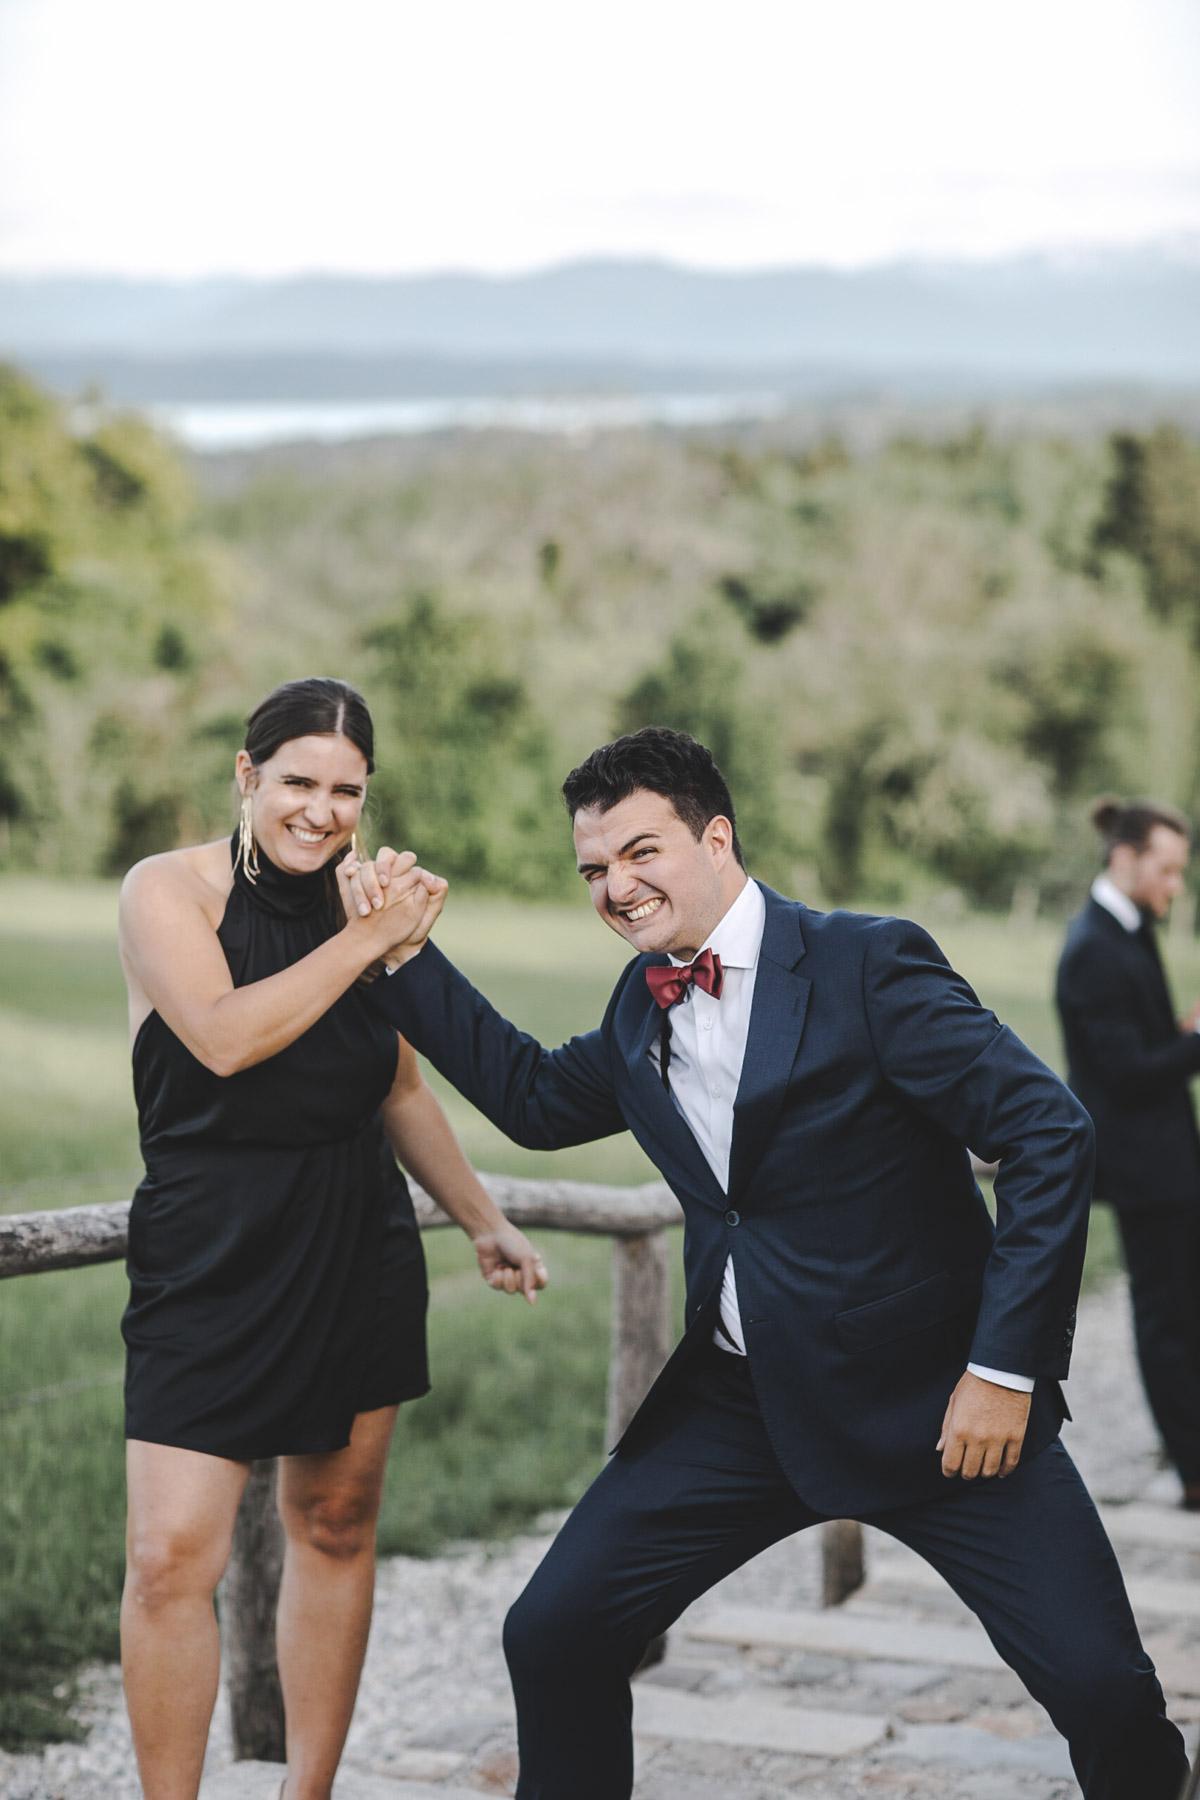 Barbara und Thorsten | Hochzeit am Starnenberger See - Fotografin Guelten Hamidanoglu Fotografie Koeln BT 19 854